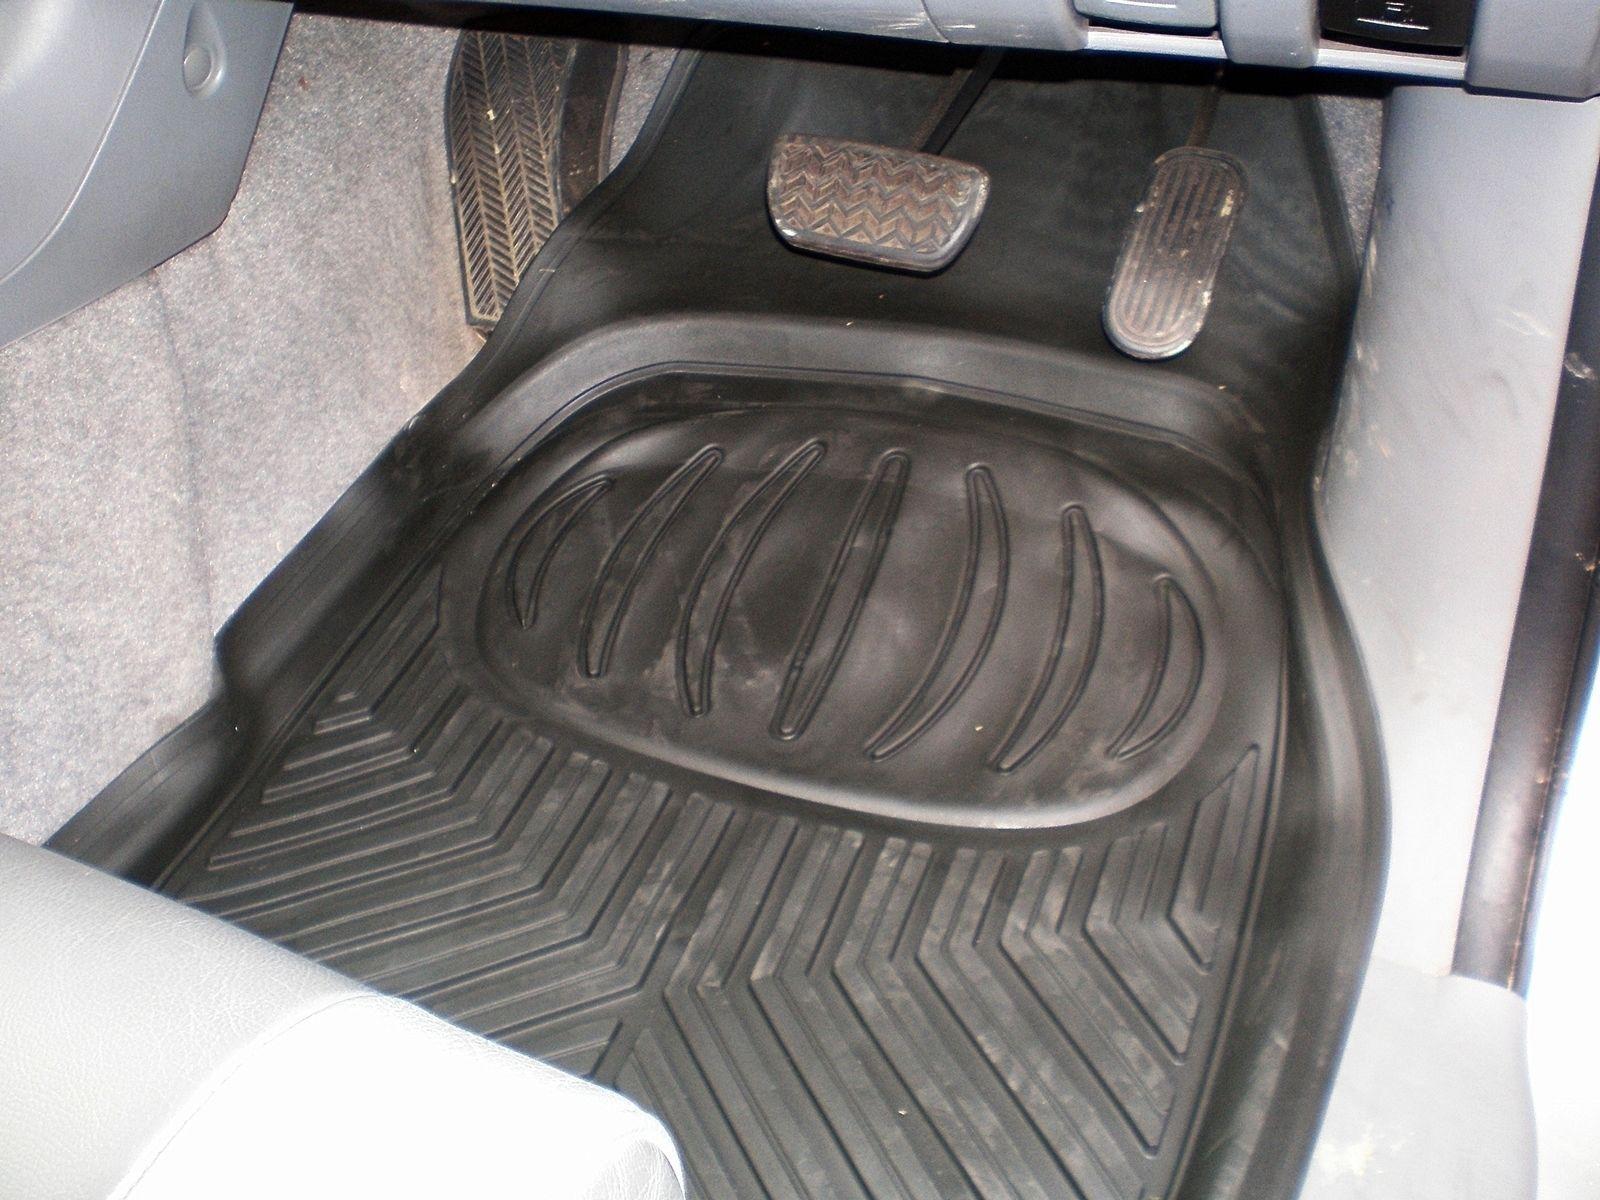 Ford Ranger Dirt Catcher Floor Mats Deep Tray Rubber Mud